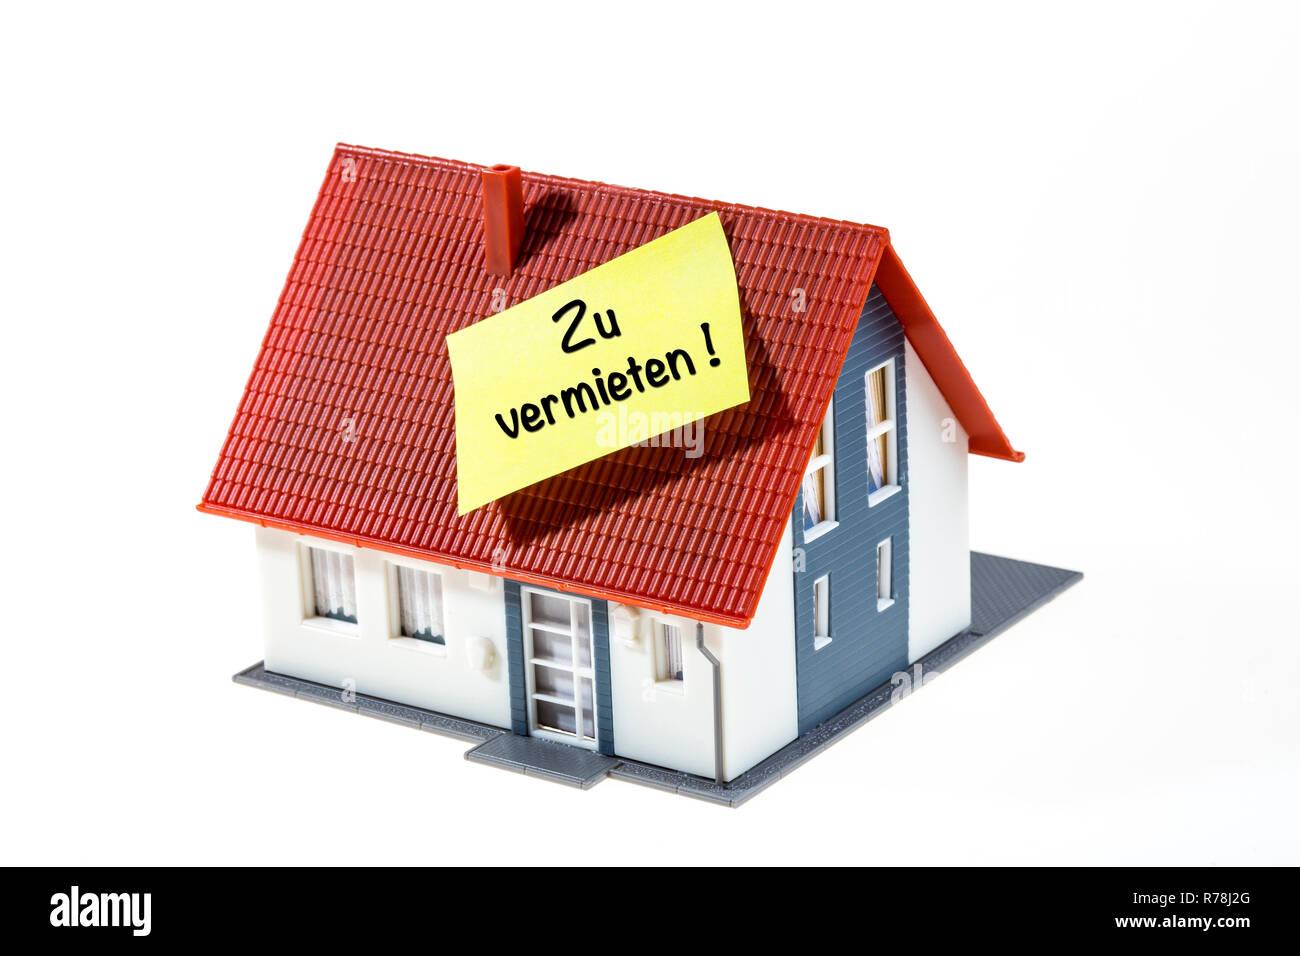 Real estate symbol, house to be rented, German language - Stock Image